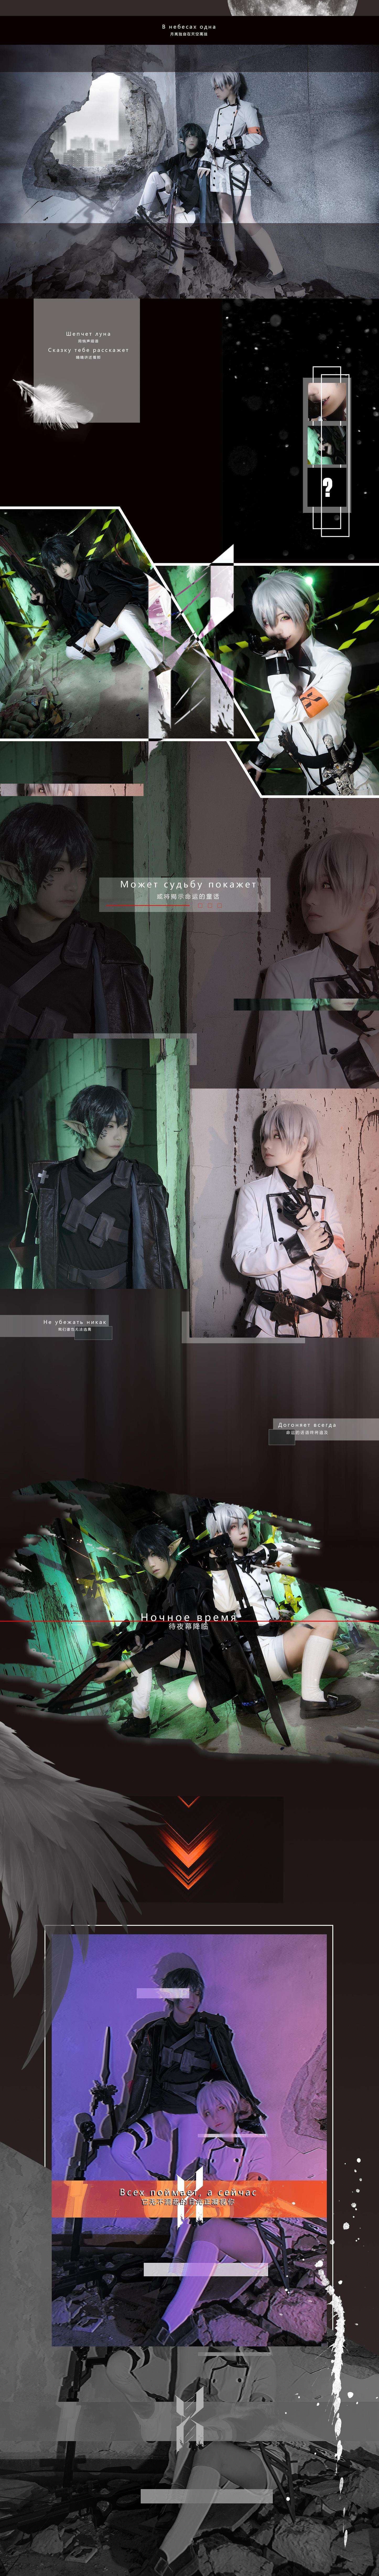 《明日方舟》正片cosplay【CN:缭绫】-第3张